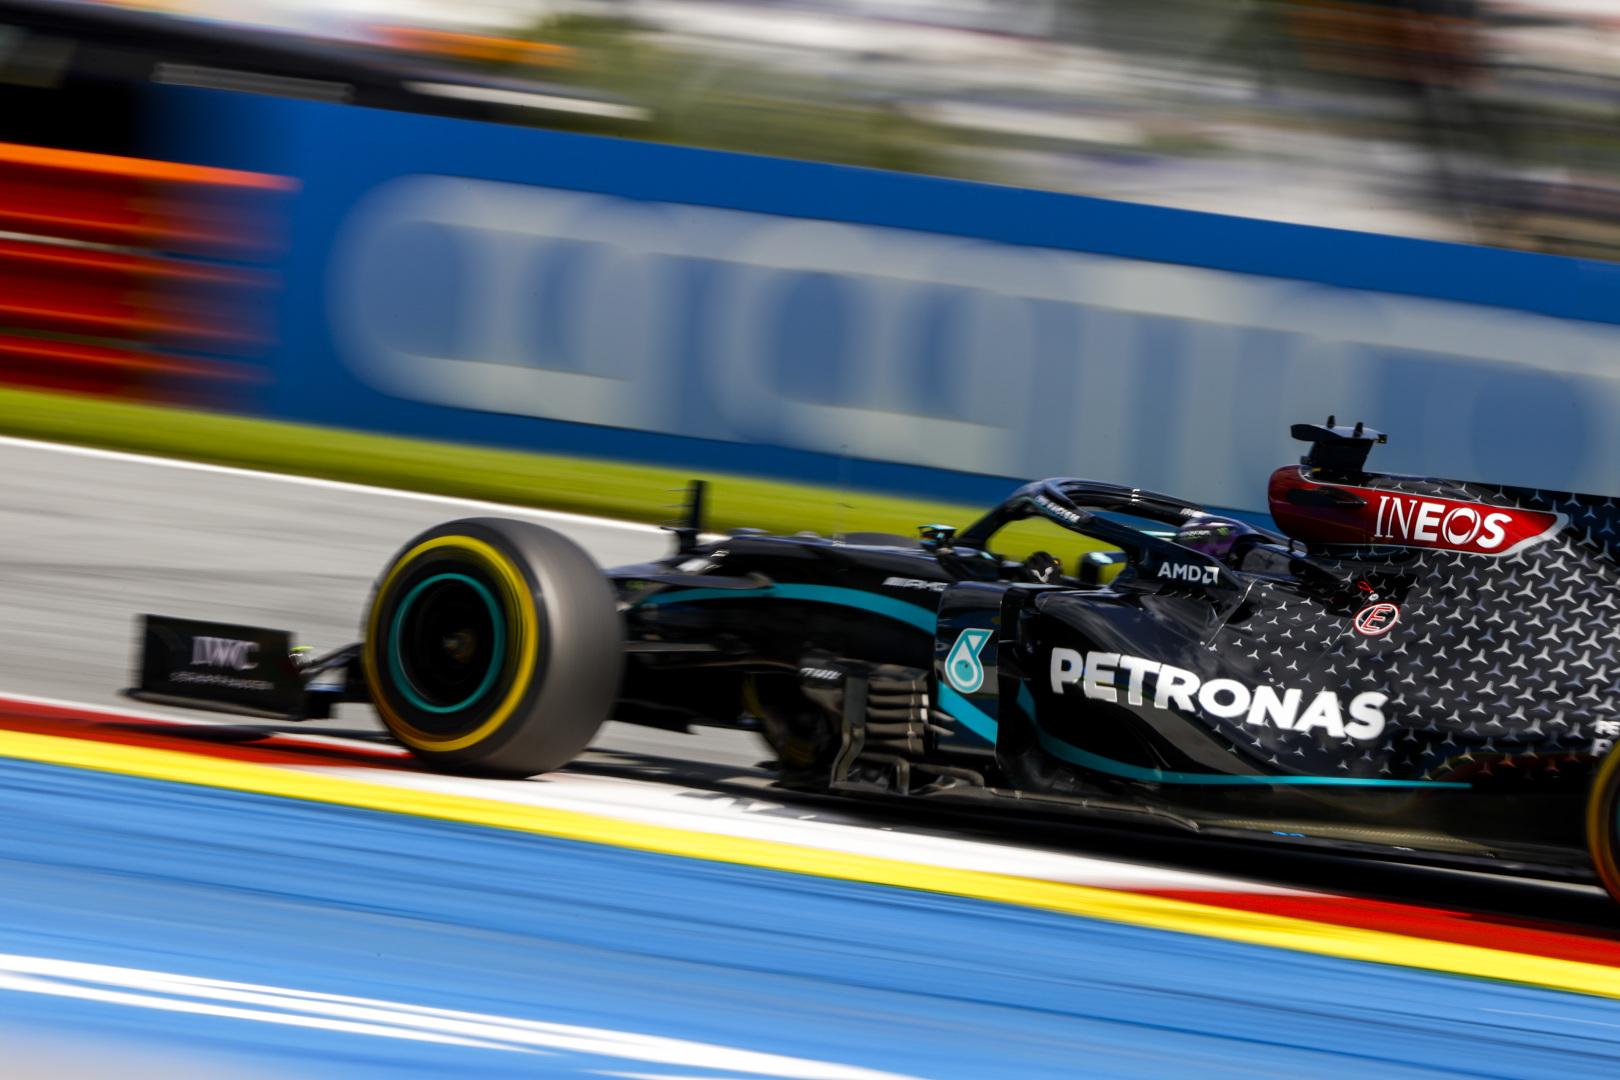 GP de Styrie : Doublé Mercedes, catastrophe pour Ferrari 1